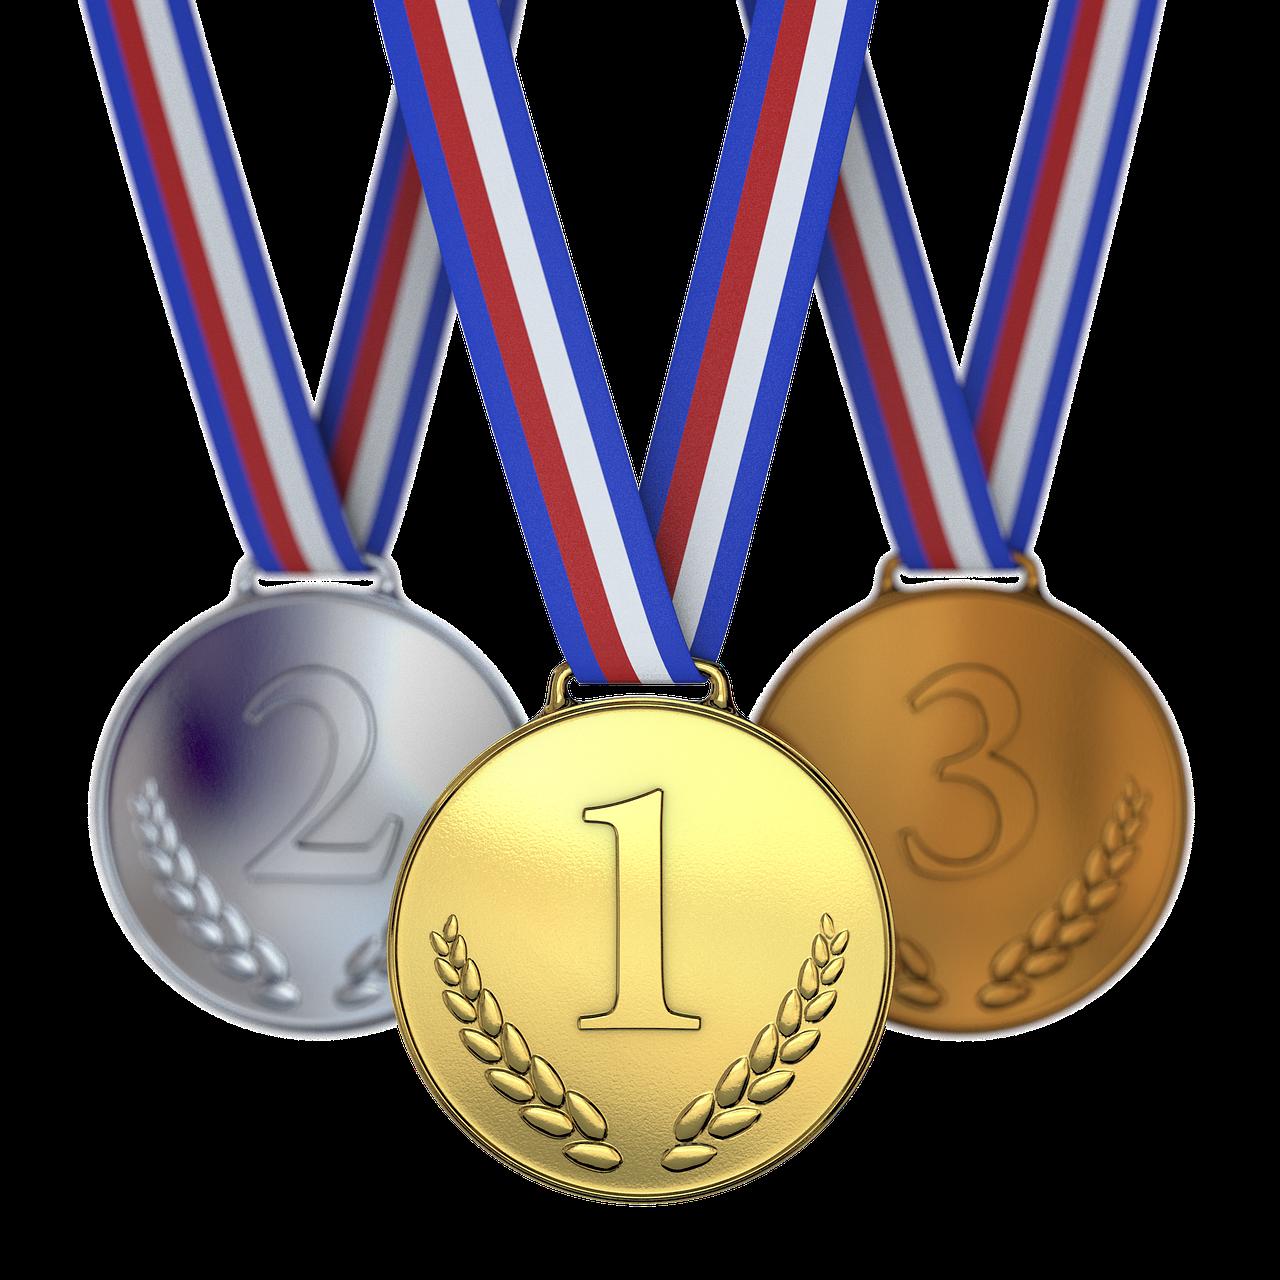 Konkursy internetowe – jak wygrać? 3 kroki